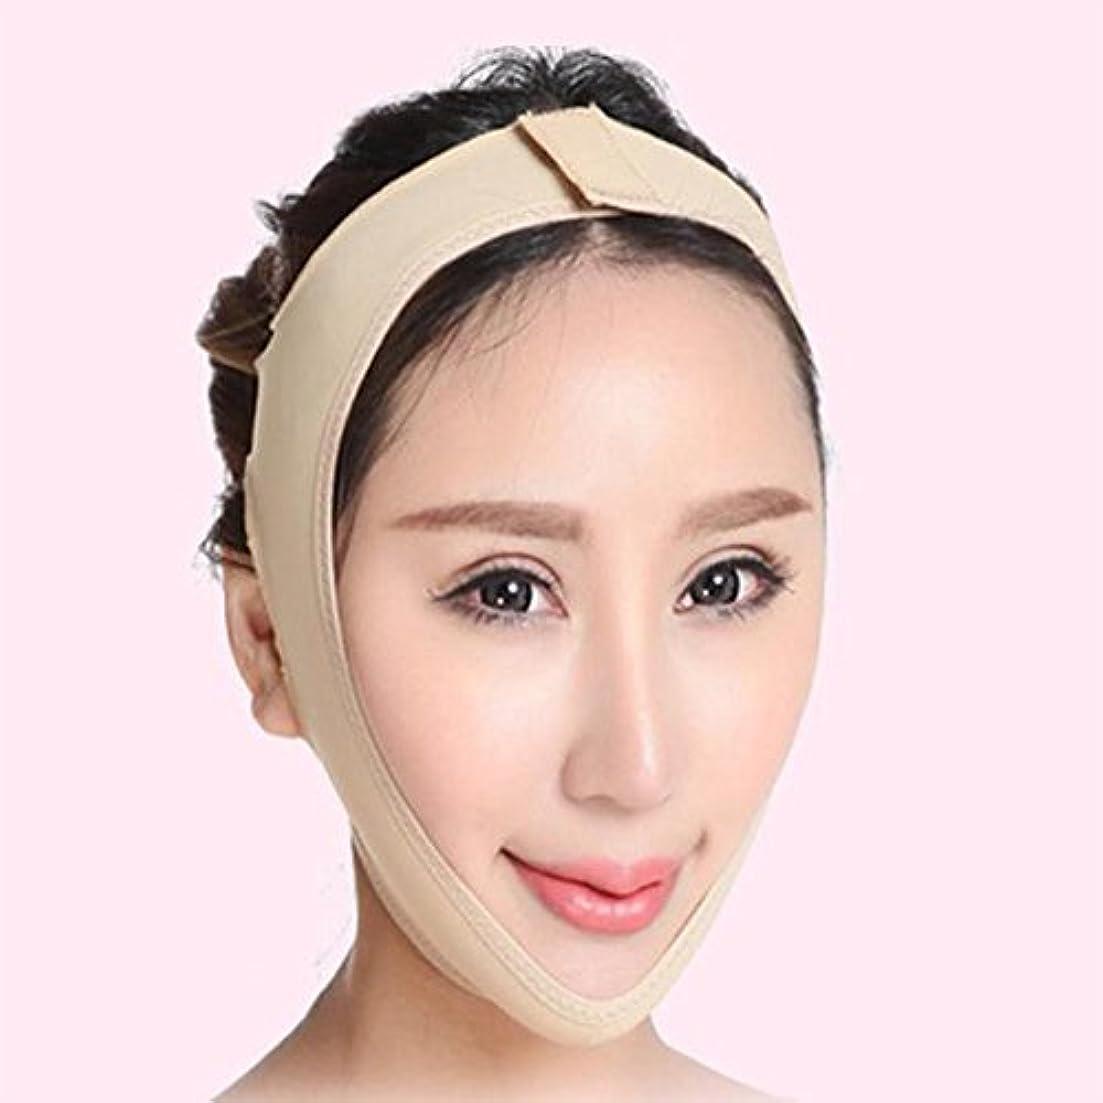 慰め不条理キャンペーンSD 小顔 小顔マスク リフトアップ マスク フェイスライン 矯正 あご シャープ メンズ レディース Mサイズ AZD15003-M